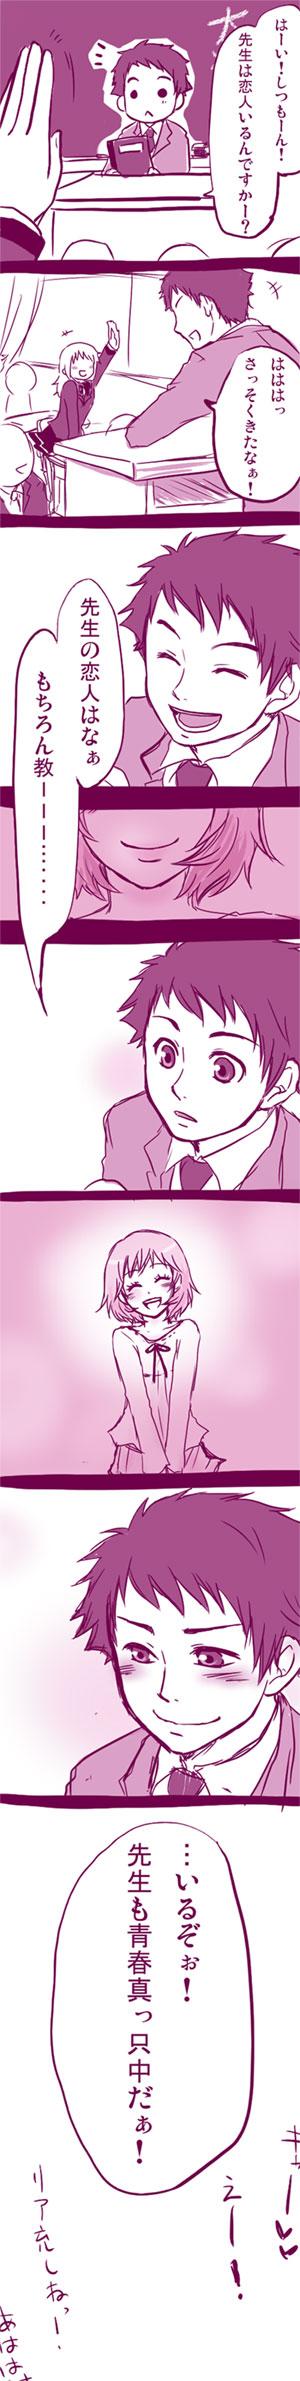 大迫バンビ漫画01